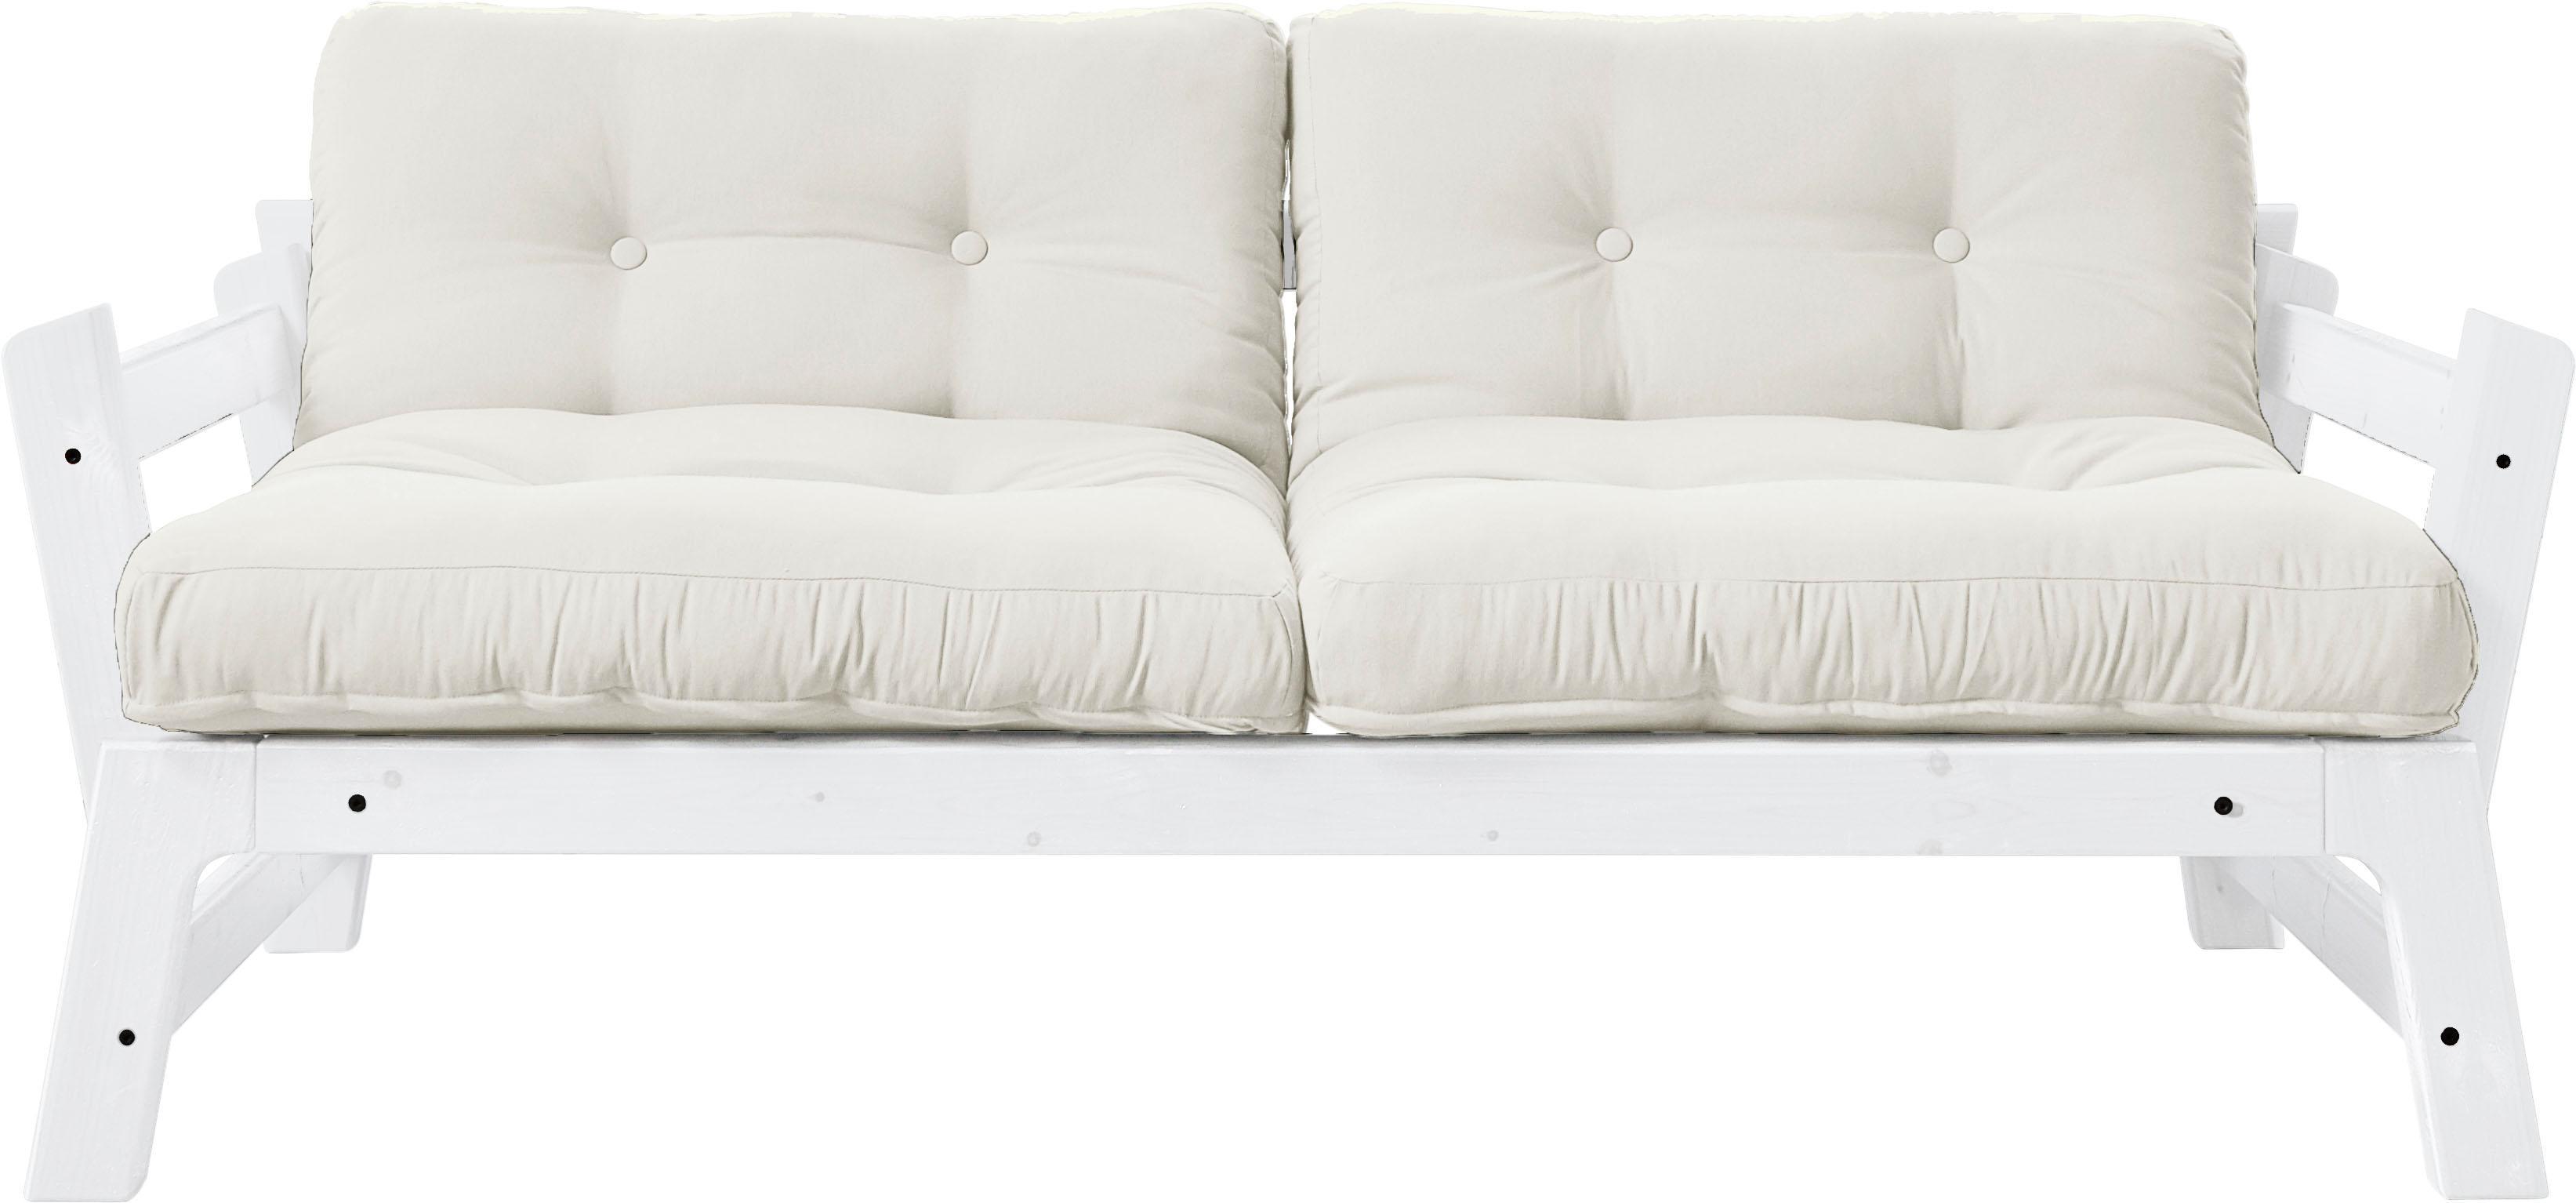 Karup Schlafsofas Online Kaufen Möbel Suchmaschine Ladendirektde